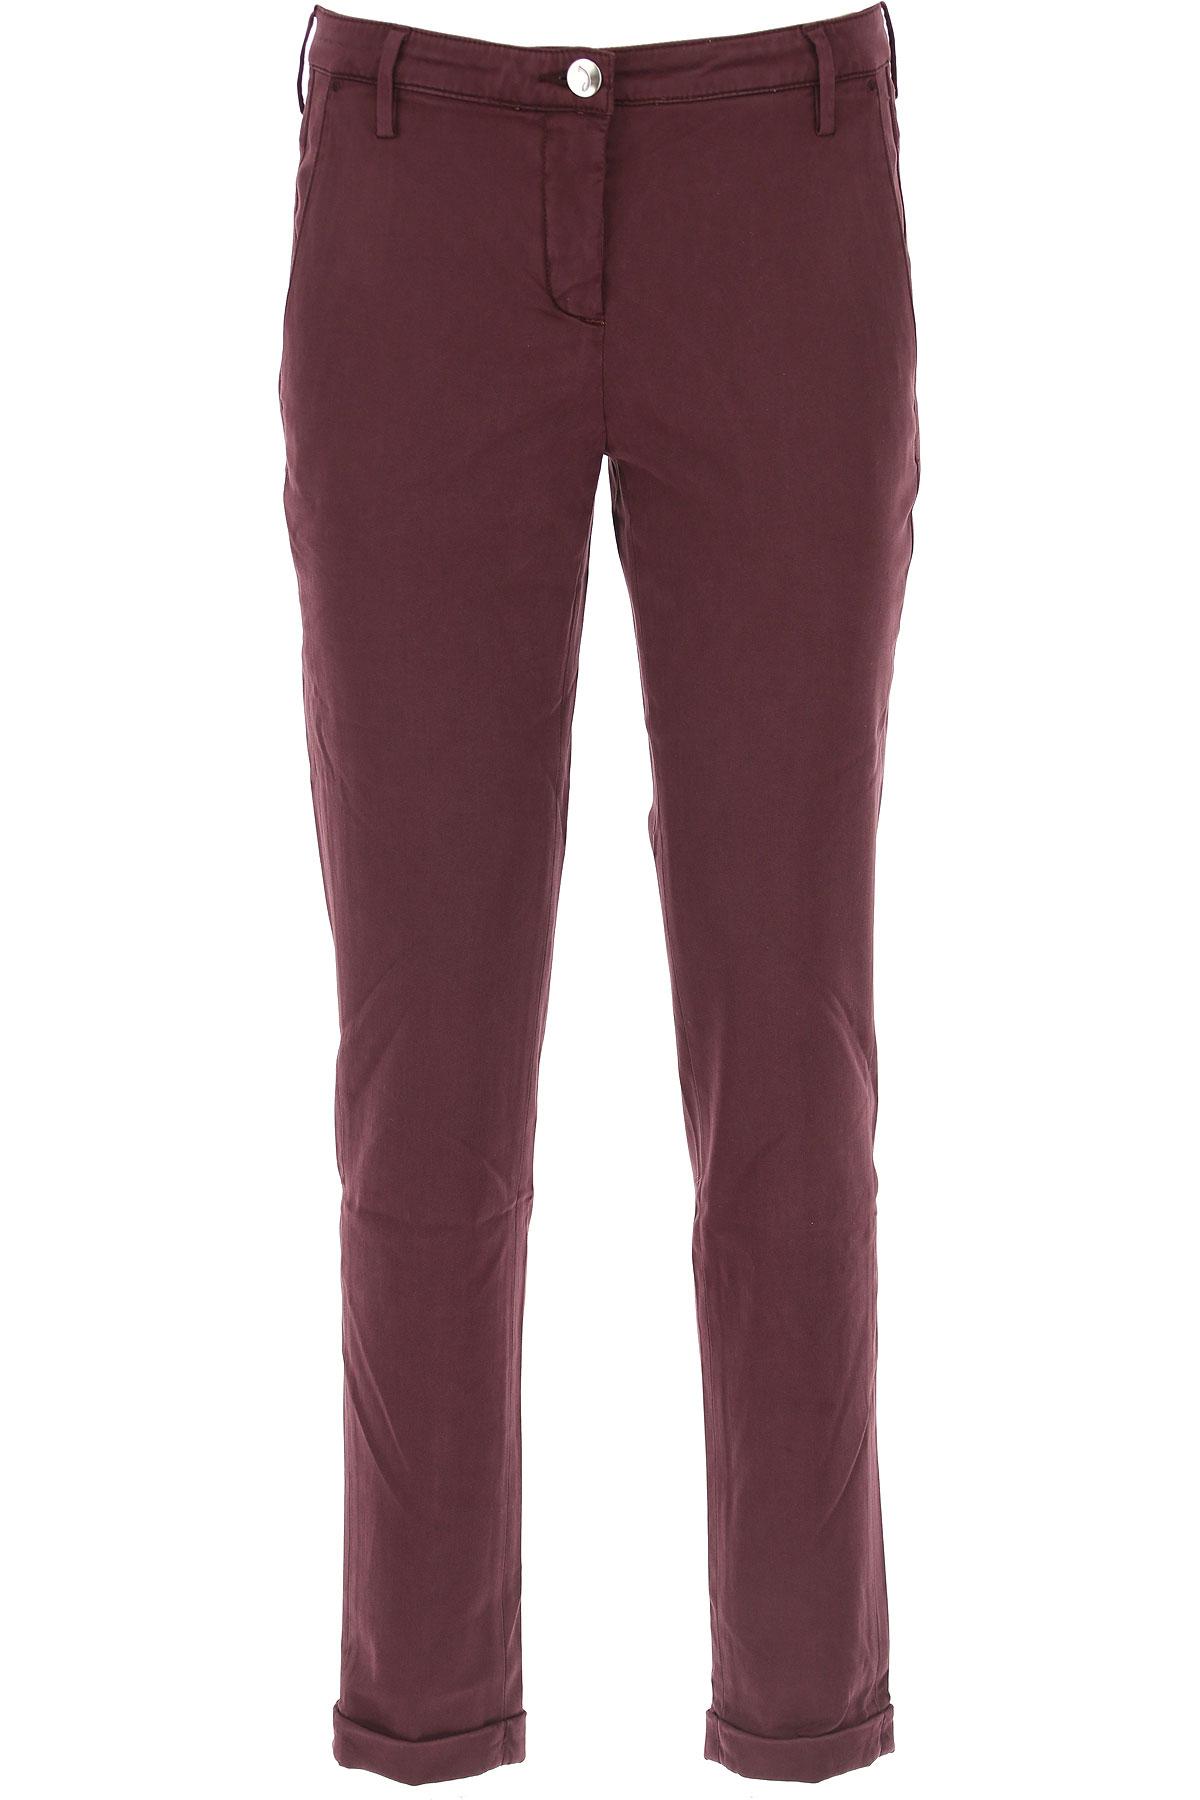 Jacob Cohen Pants for Women On Sale, Bordeaux Wine, lyocell, 2017, 28 29 30